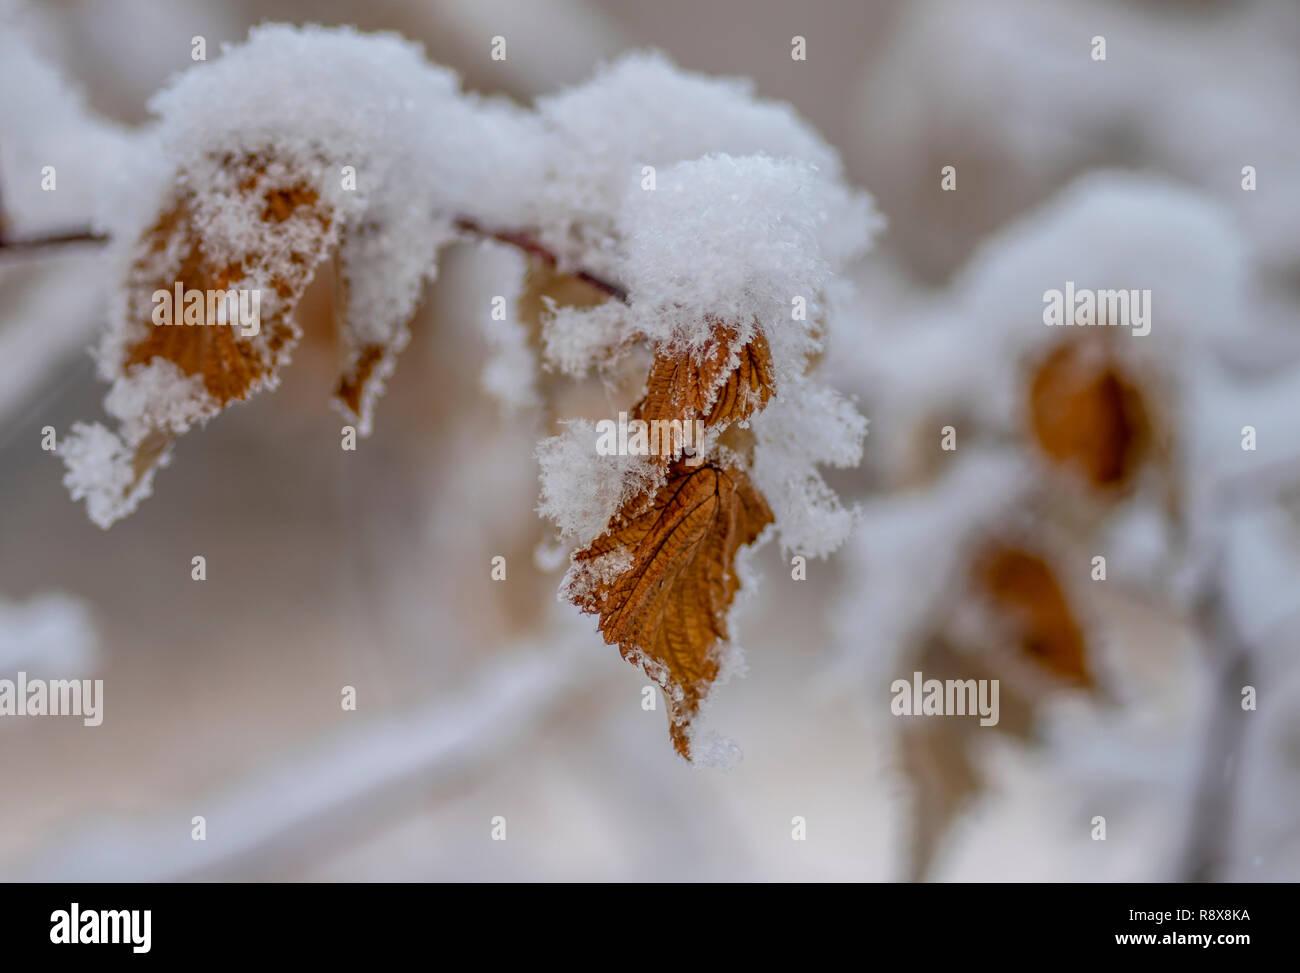 Les Feuilles De Cassis Jaune Sous La Neige Photo Stock Alamy